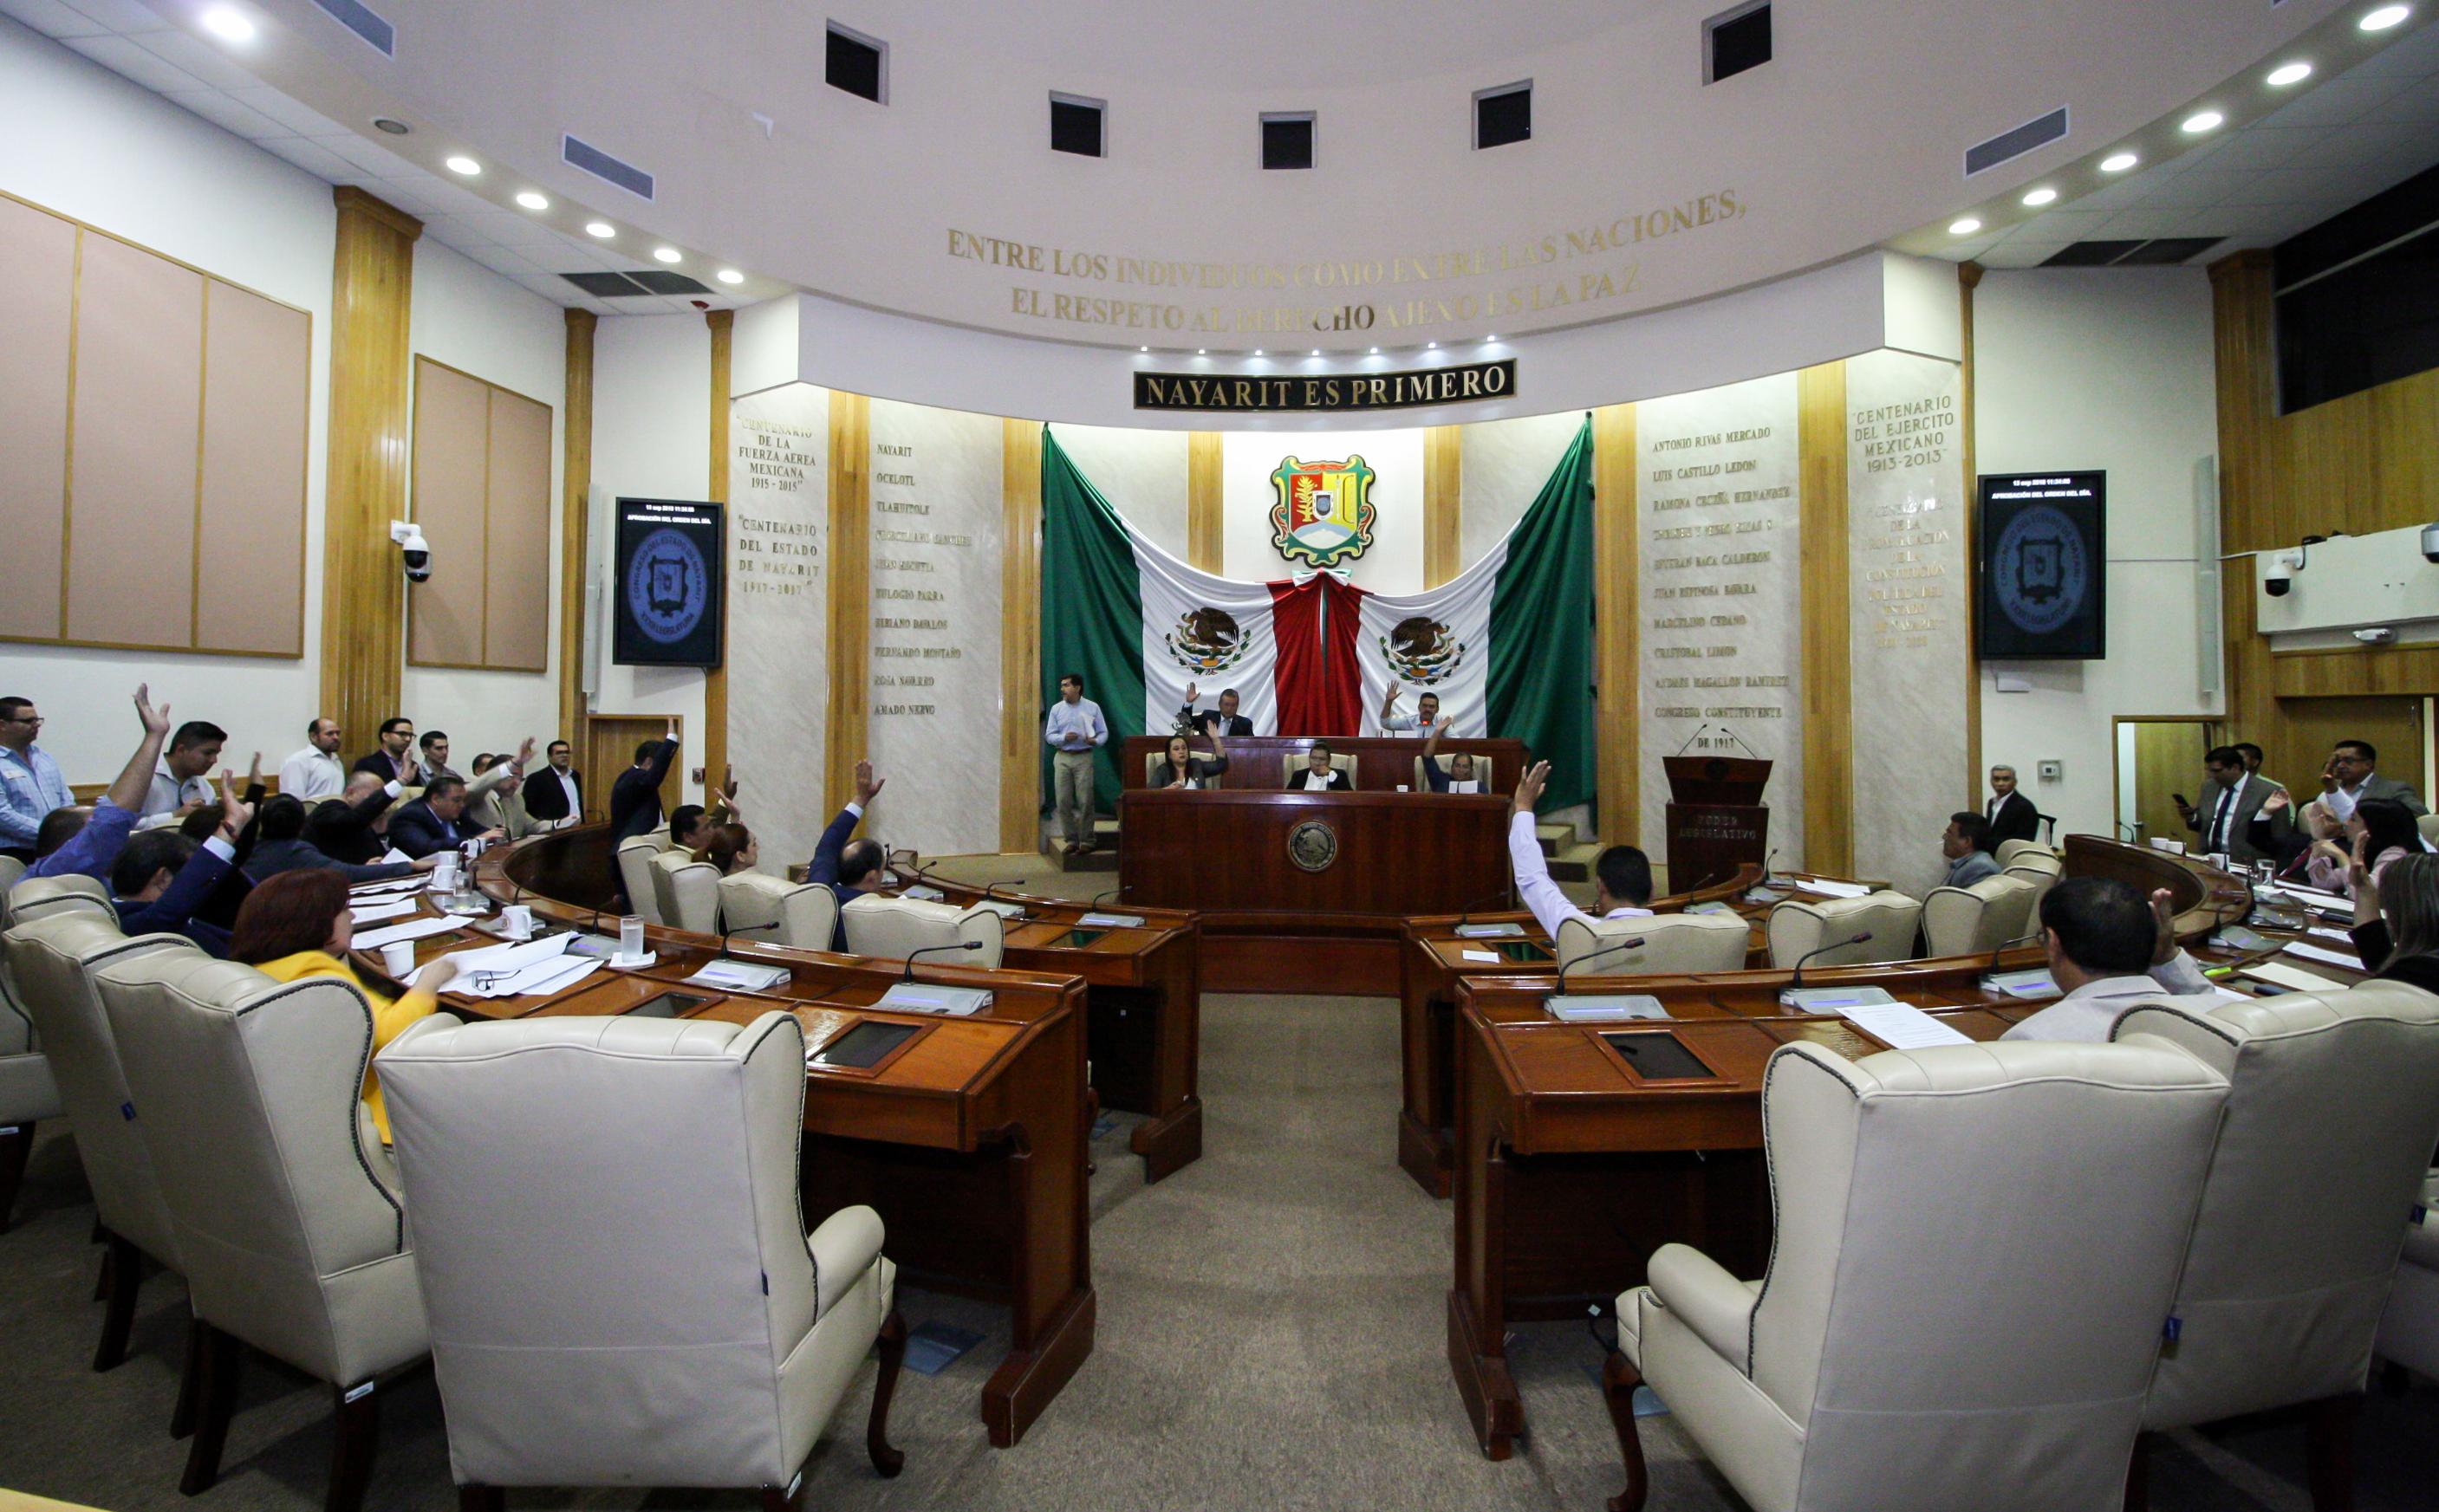 Aprueba Congreso las conclusiones en el Juicio Político contra el exgobernador Roberto Sandoval